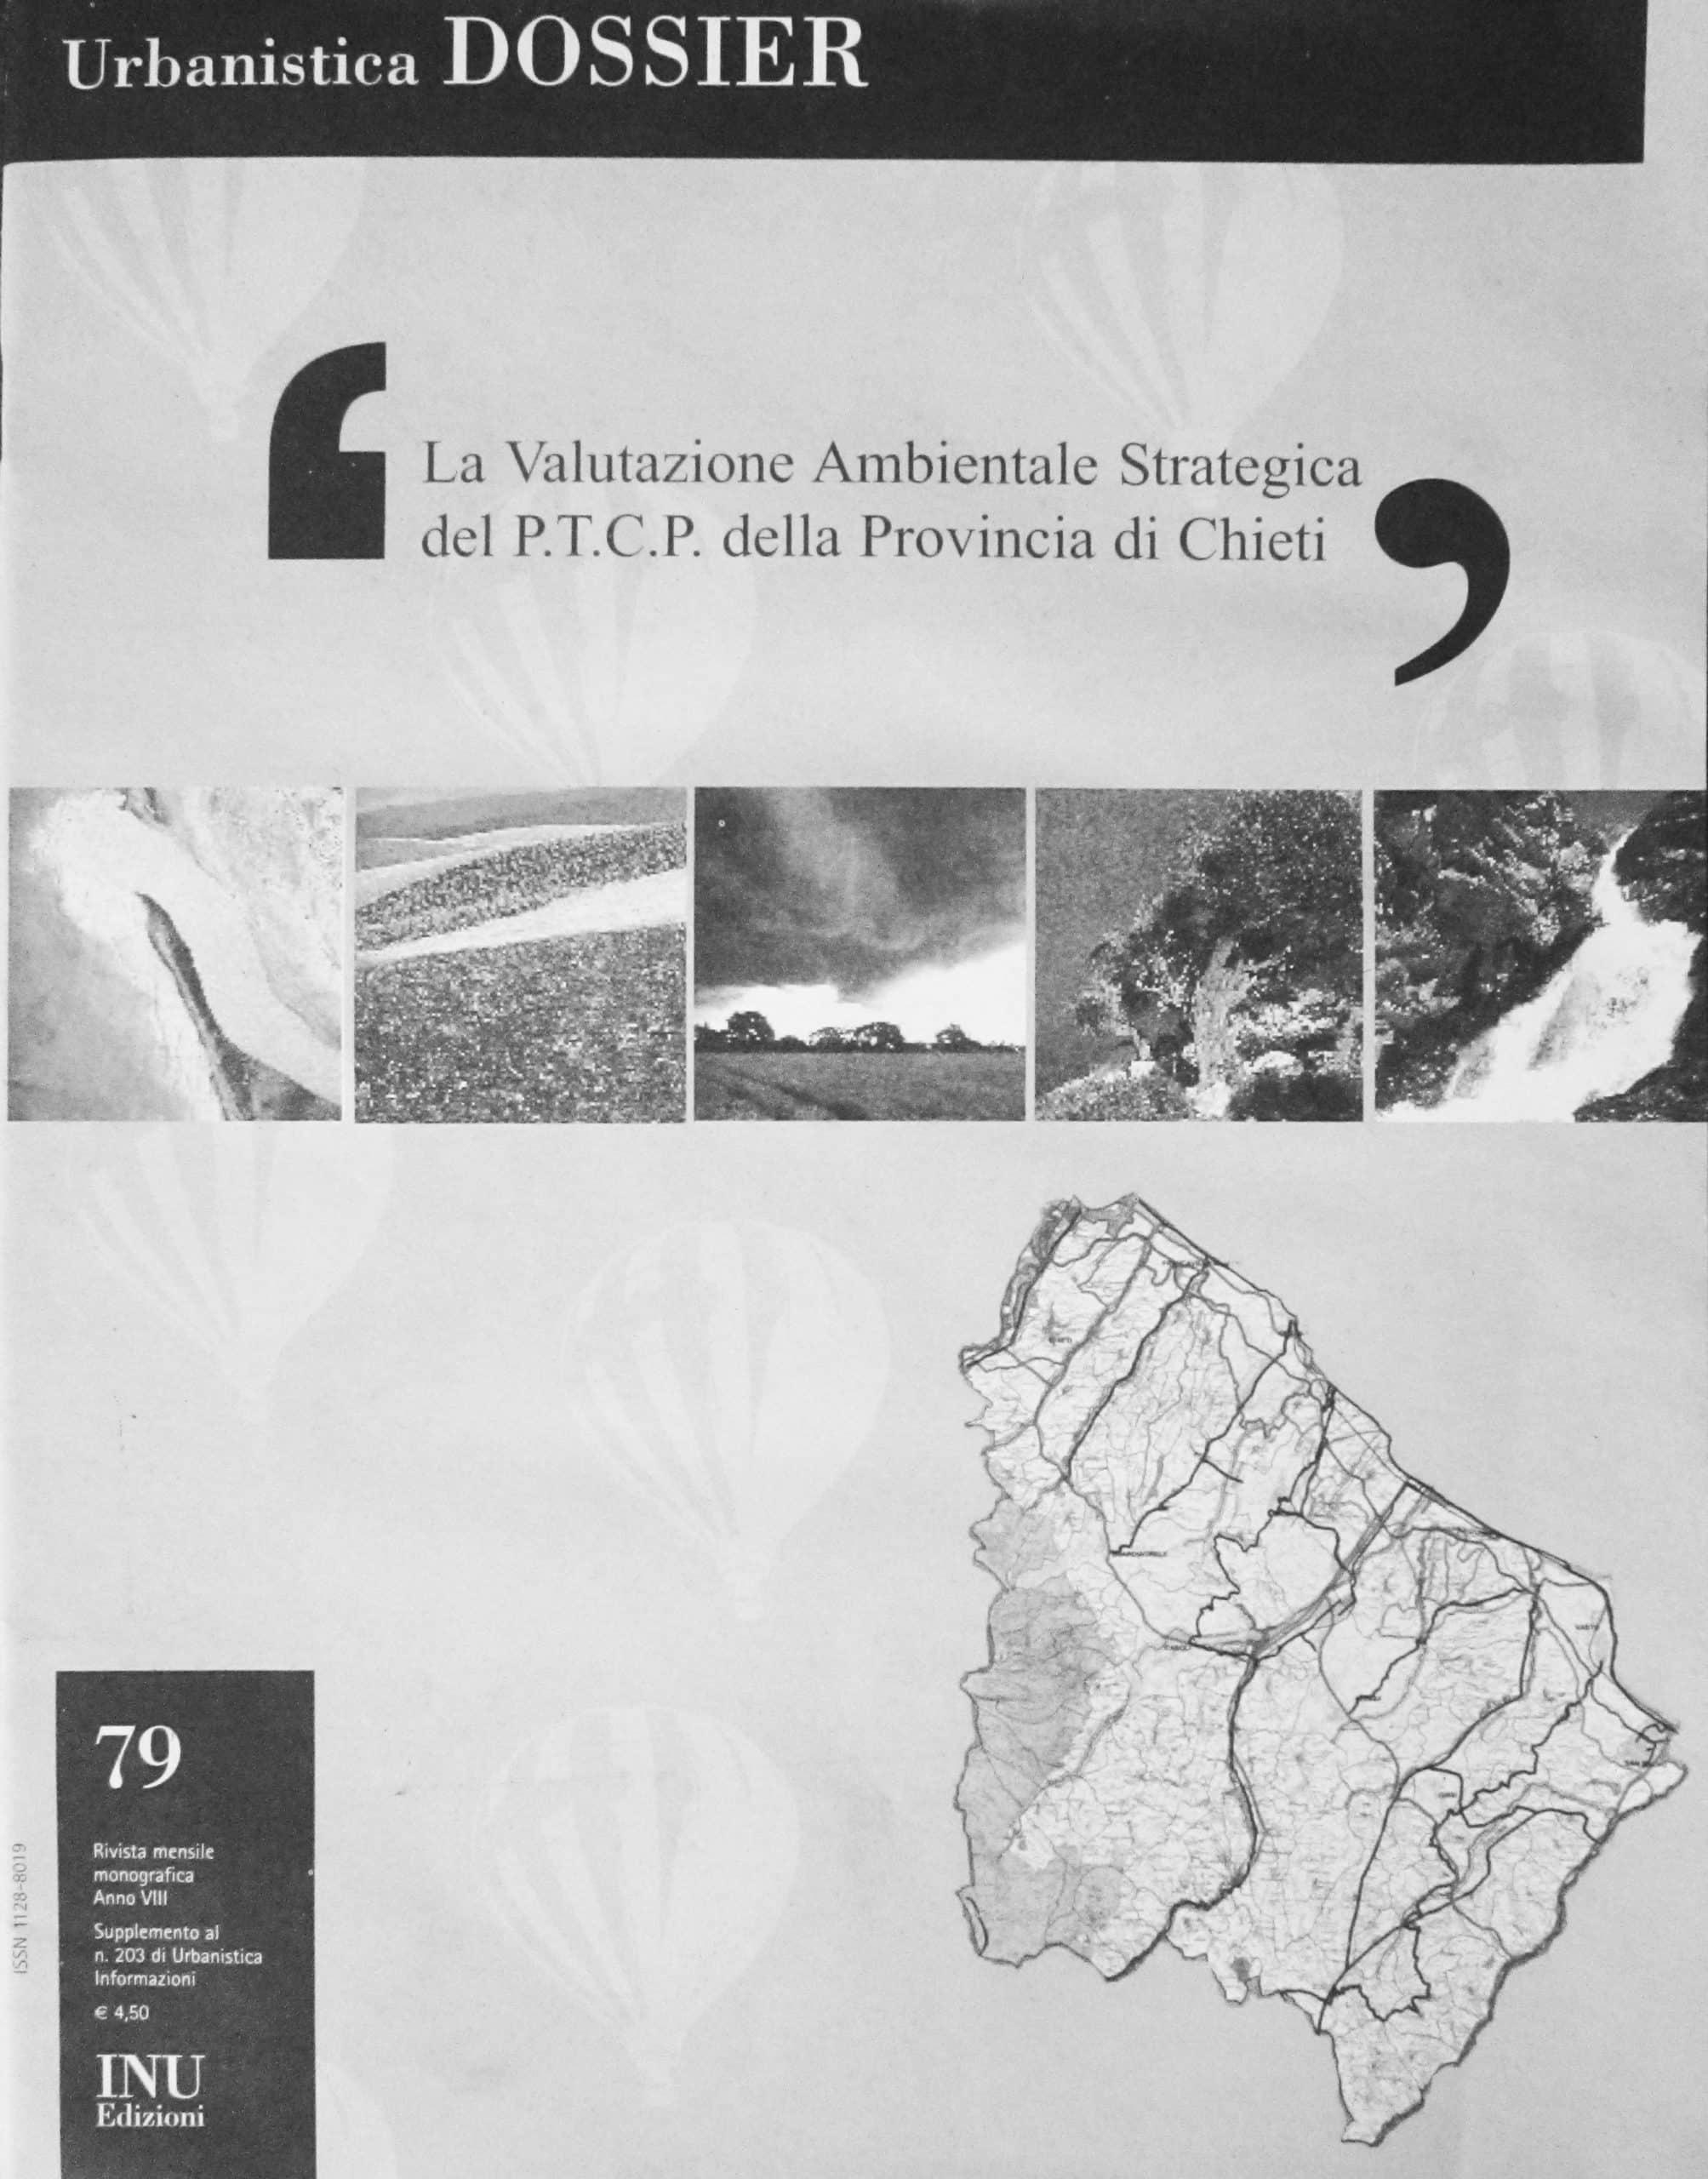 """15 - """"La valutazione ambientale strategica del P.T.C.P. della Provincia di Chieti"""" in Urbanistica Dossier, INU Edizioni, Roma 2005; con B. Di Rico e V. Fabiett - Copertina"""